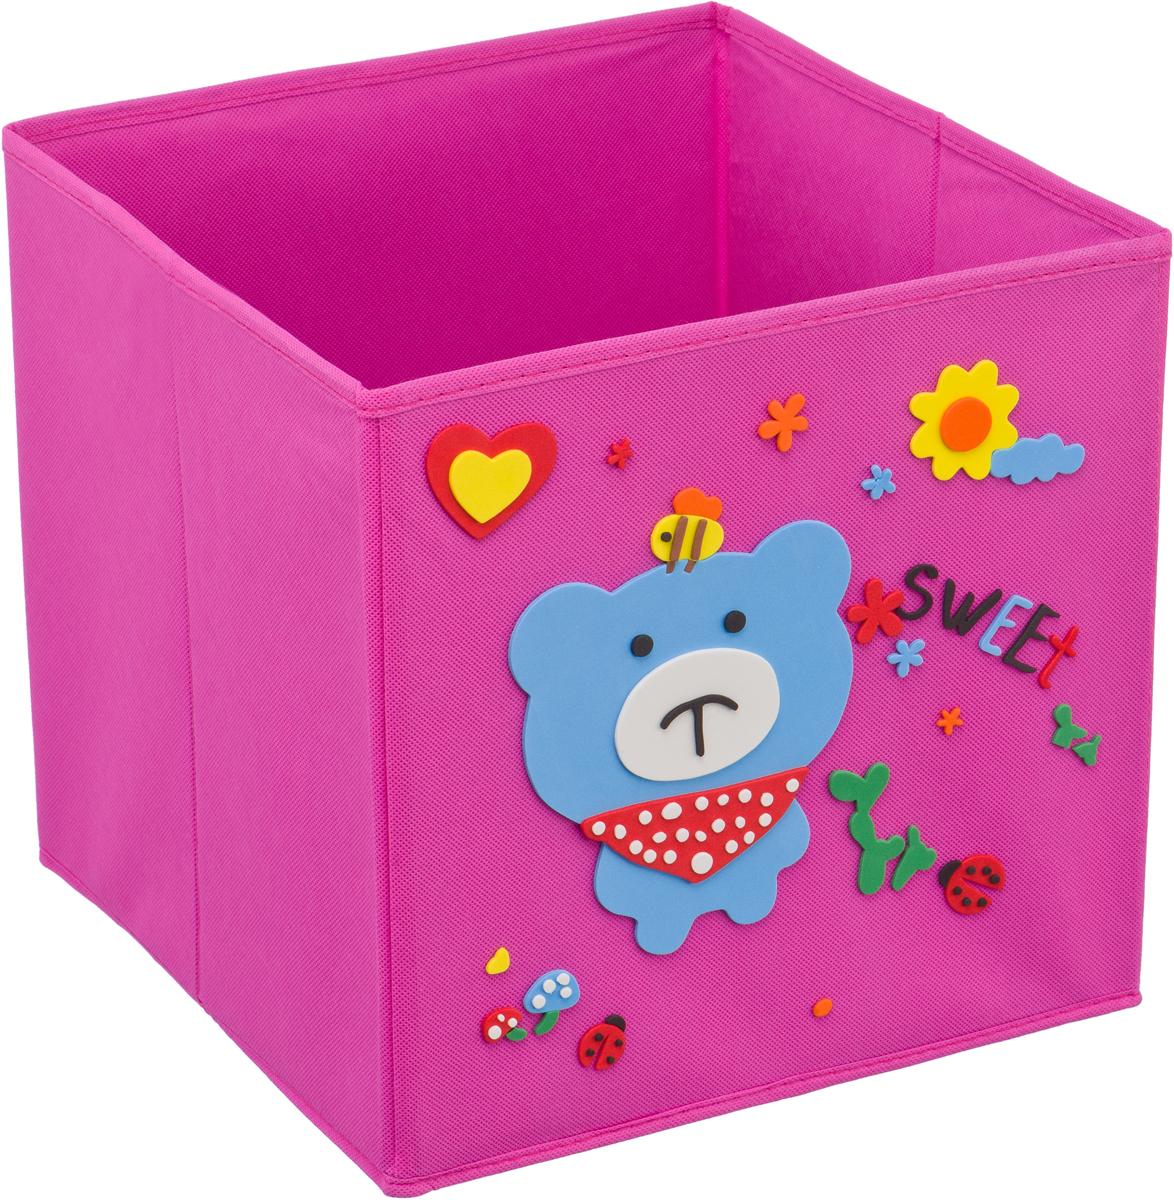 Кофр для хранения Handy Home Мишка с пчелкой, с аппликацией, цвет: розовыйUC-121Кофр с аппликацией - универсальная система для домашнего хранения, которая дополняется интересной аппликацией с эксклюзивным и веселым детским дизайном для оформления фронтальной стороны короба. Комплект представляет собой складной короб из нетканого материала и картона, плюс самоклеящаяся аппликация из полимера, которую необходимо самому собрать в картину.Соберите всю увлекательную коллекцию у себя дома.